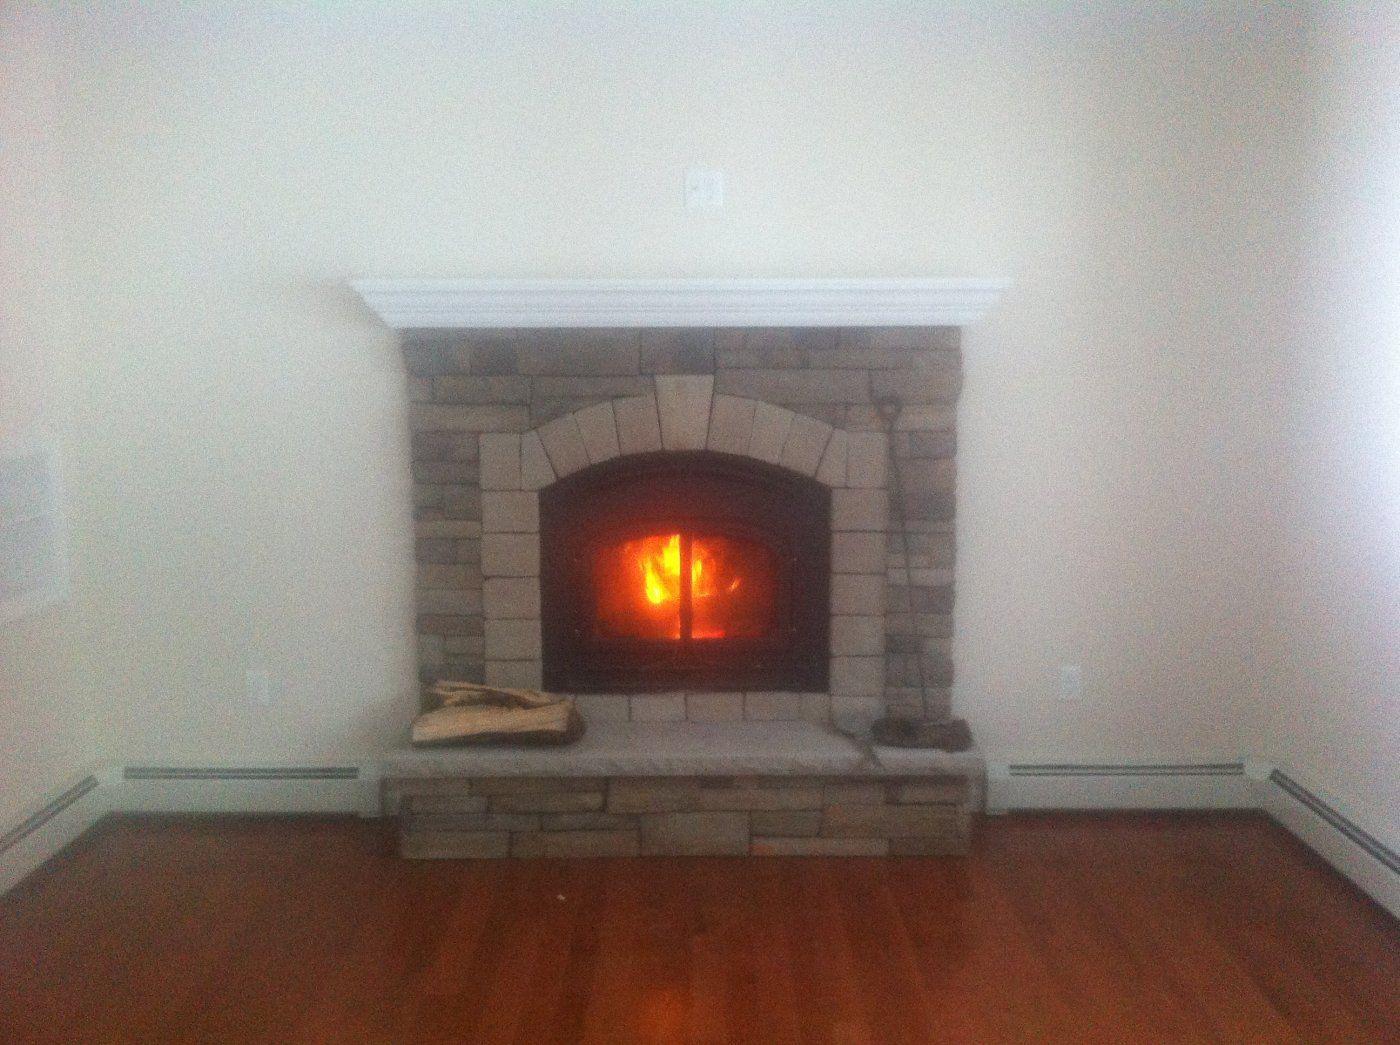 quadrafire 7100 hearth com forums home